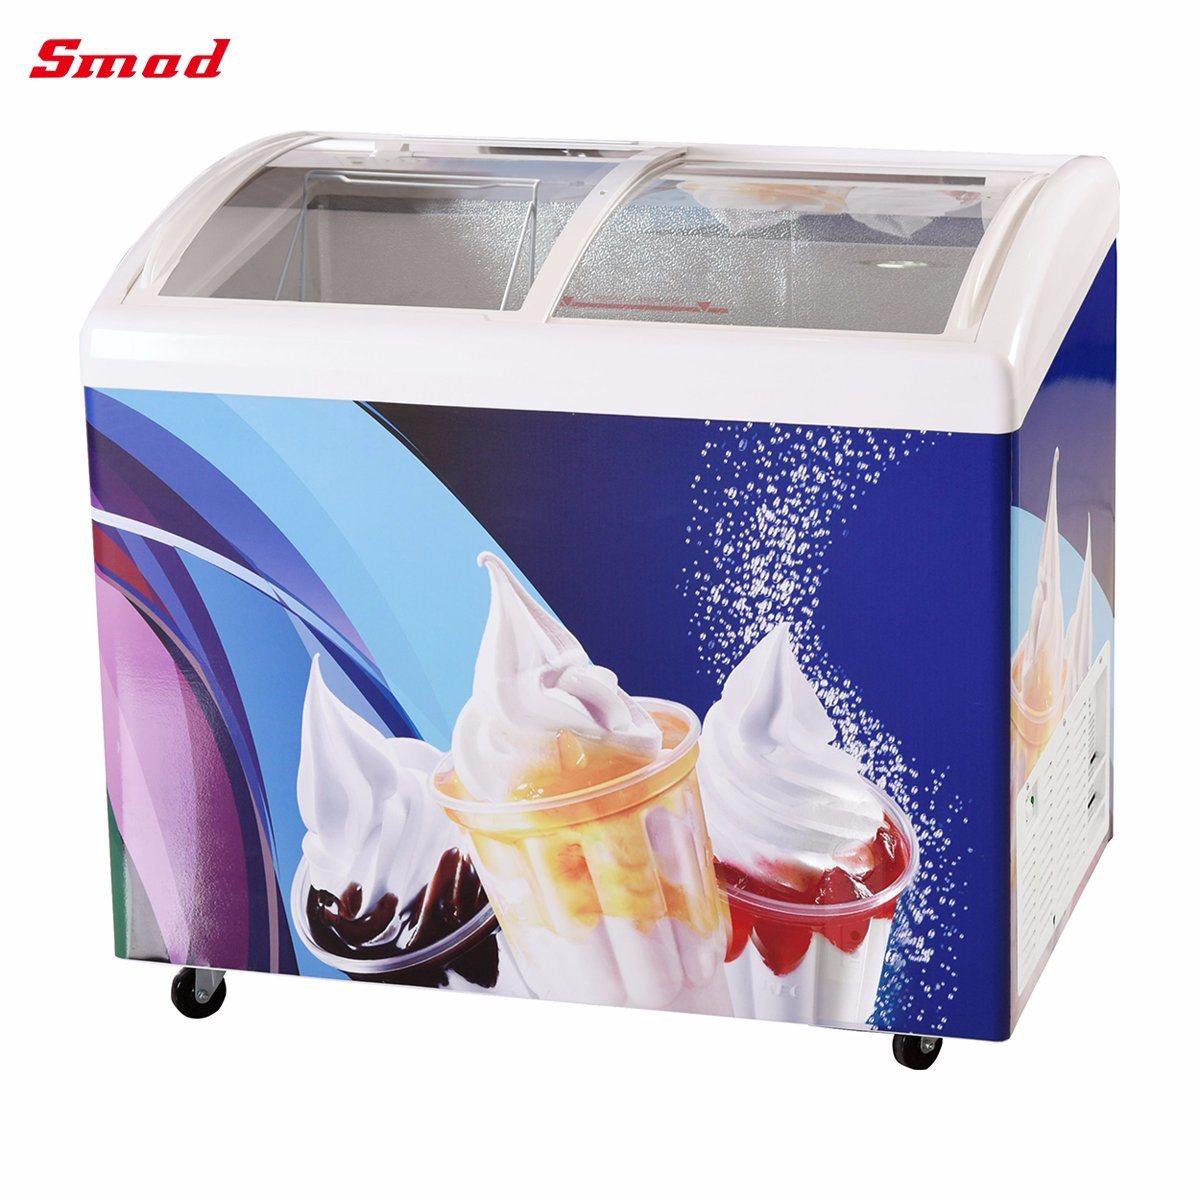 China Wholesale Glass Door Ice Cream Display Chest Freezer China